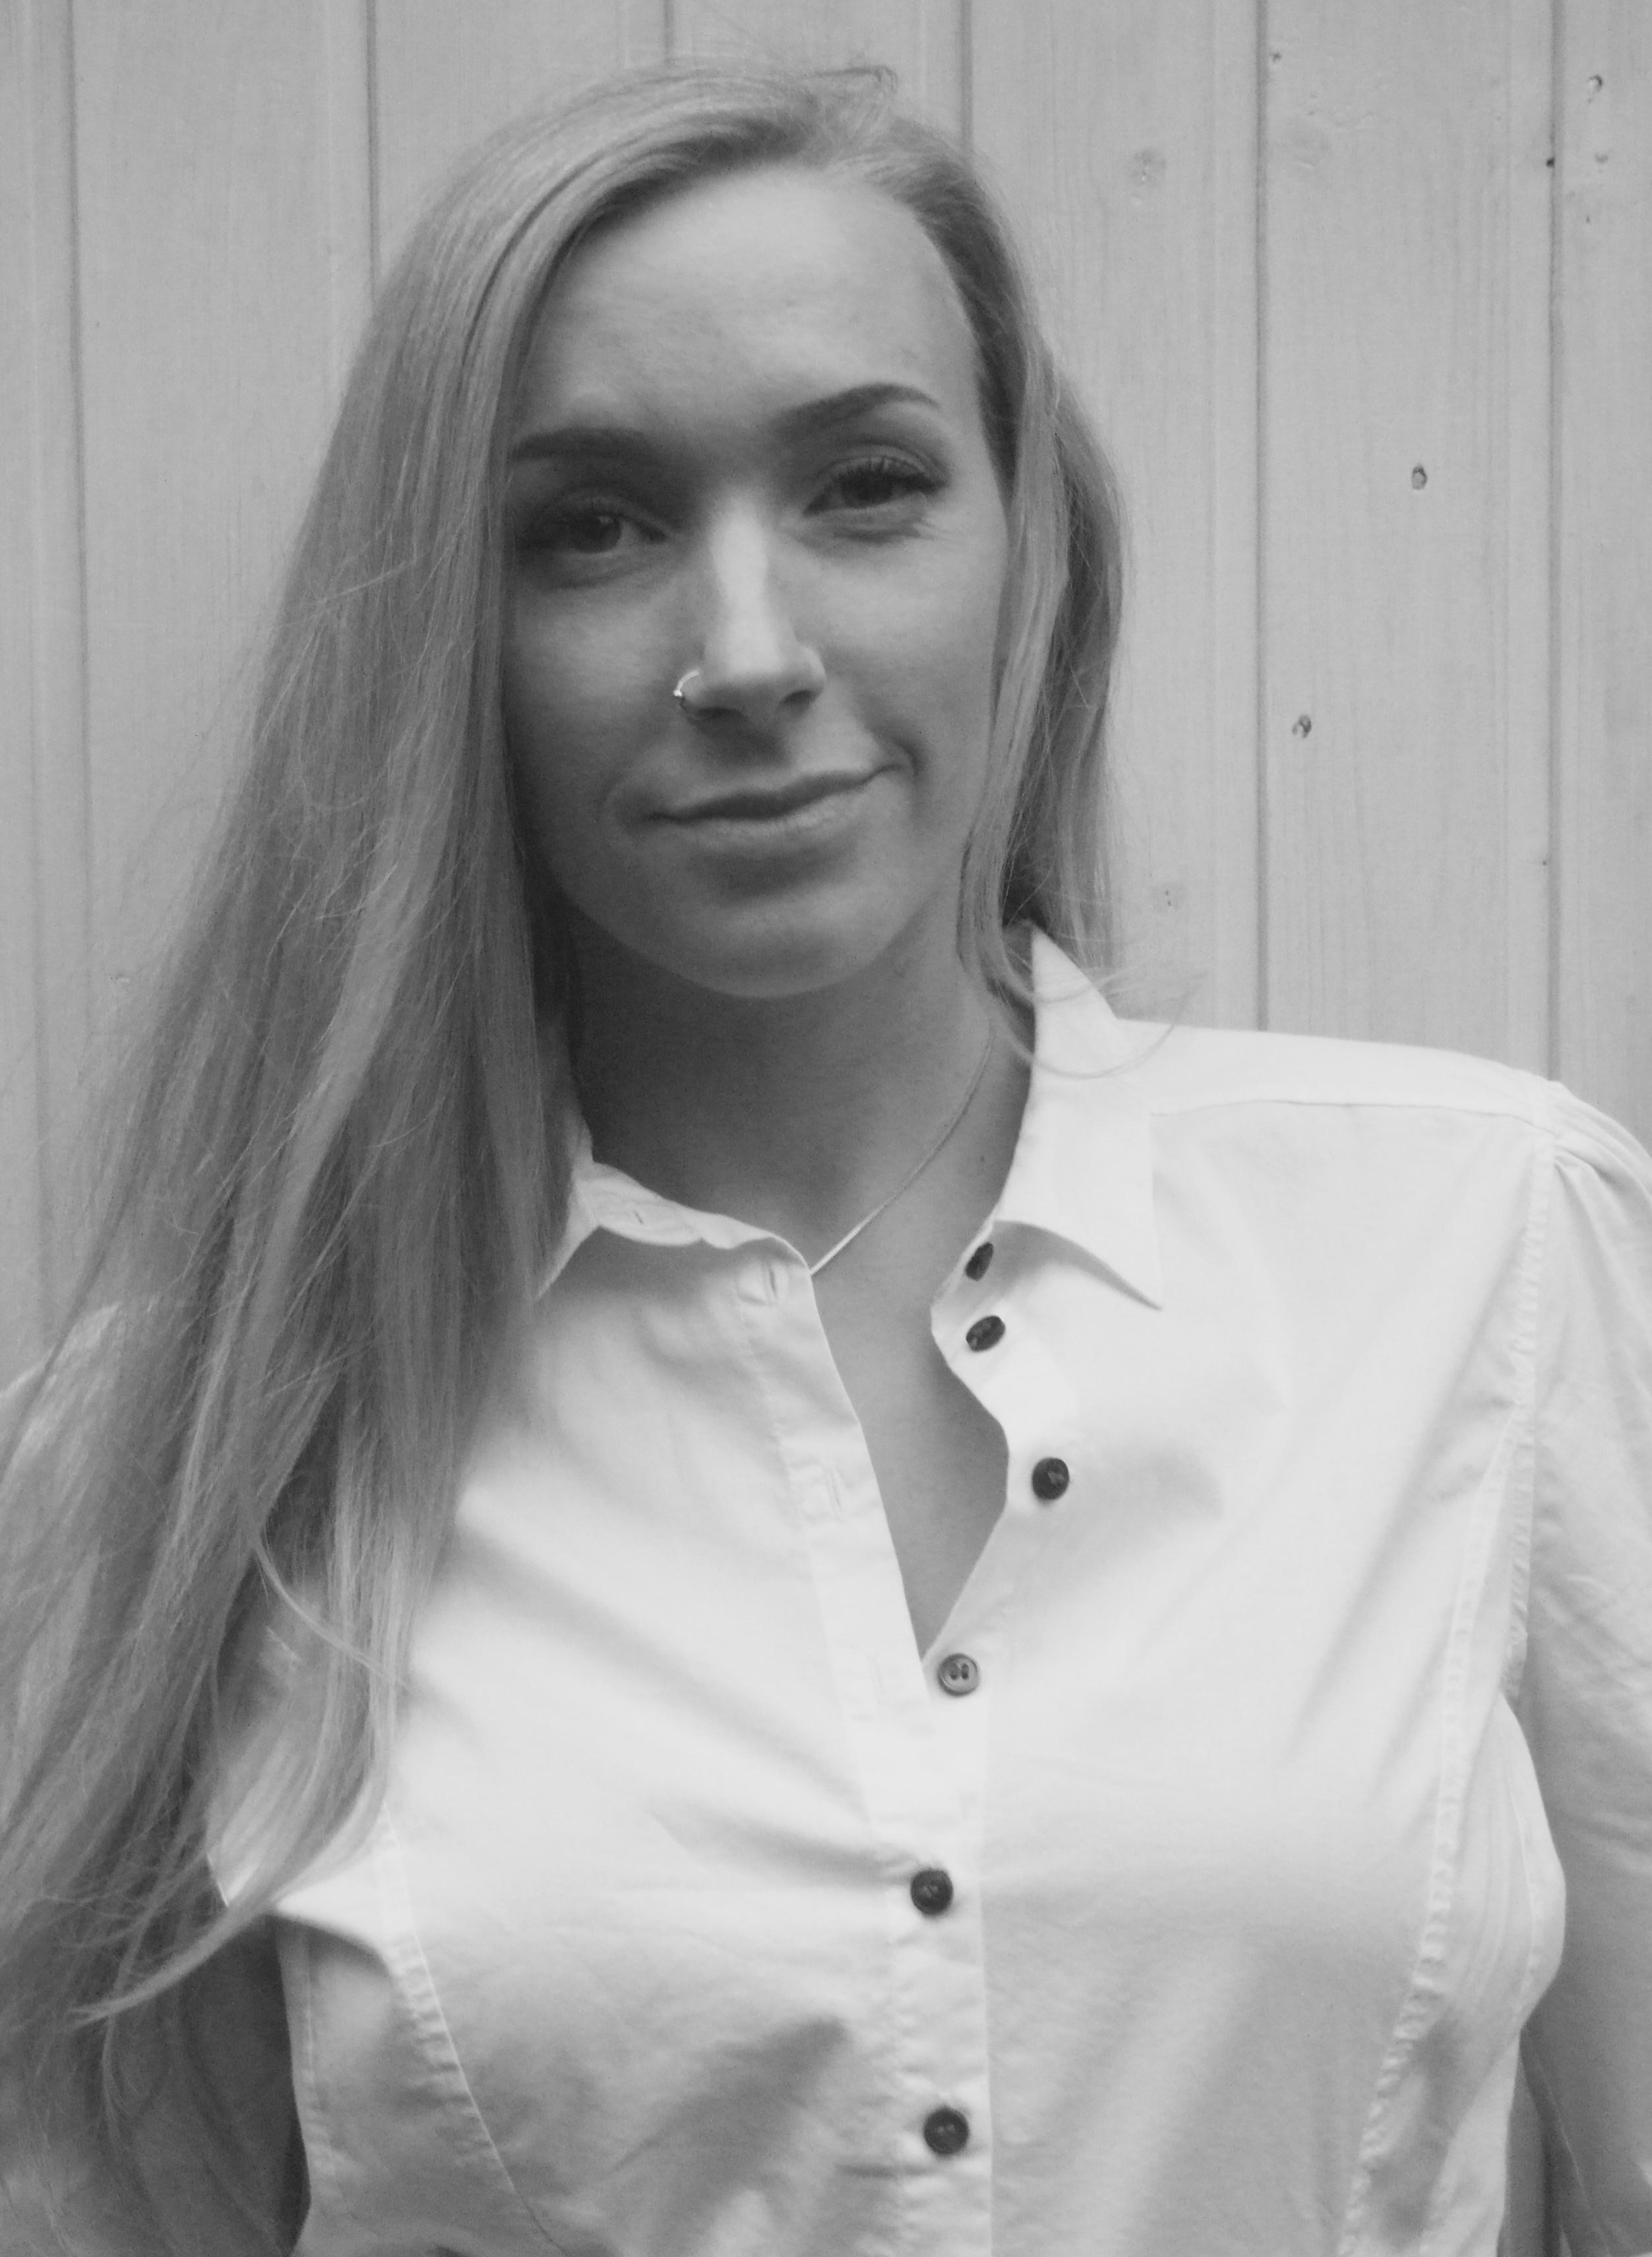 Anna-Li Danielsson